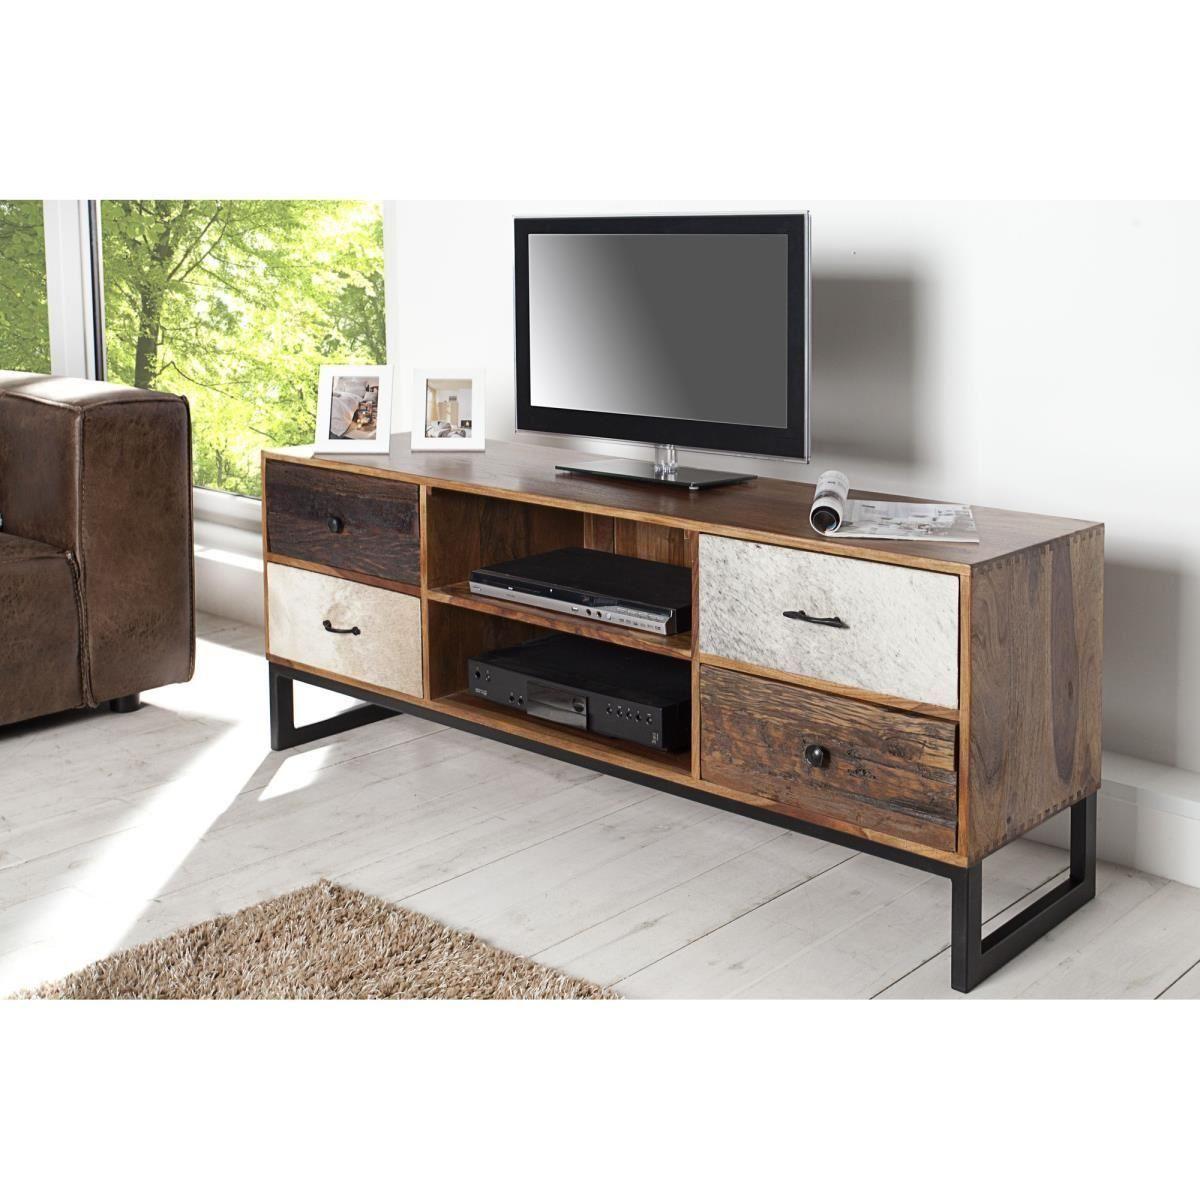 Meuble Tv Design Natura Bois Fonce Jpg Cr Ation Pinterest # Meuble Tv Arena